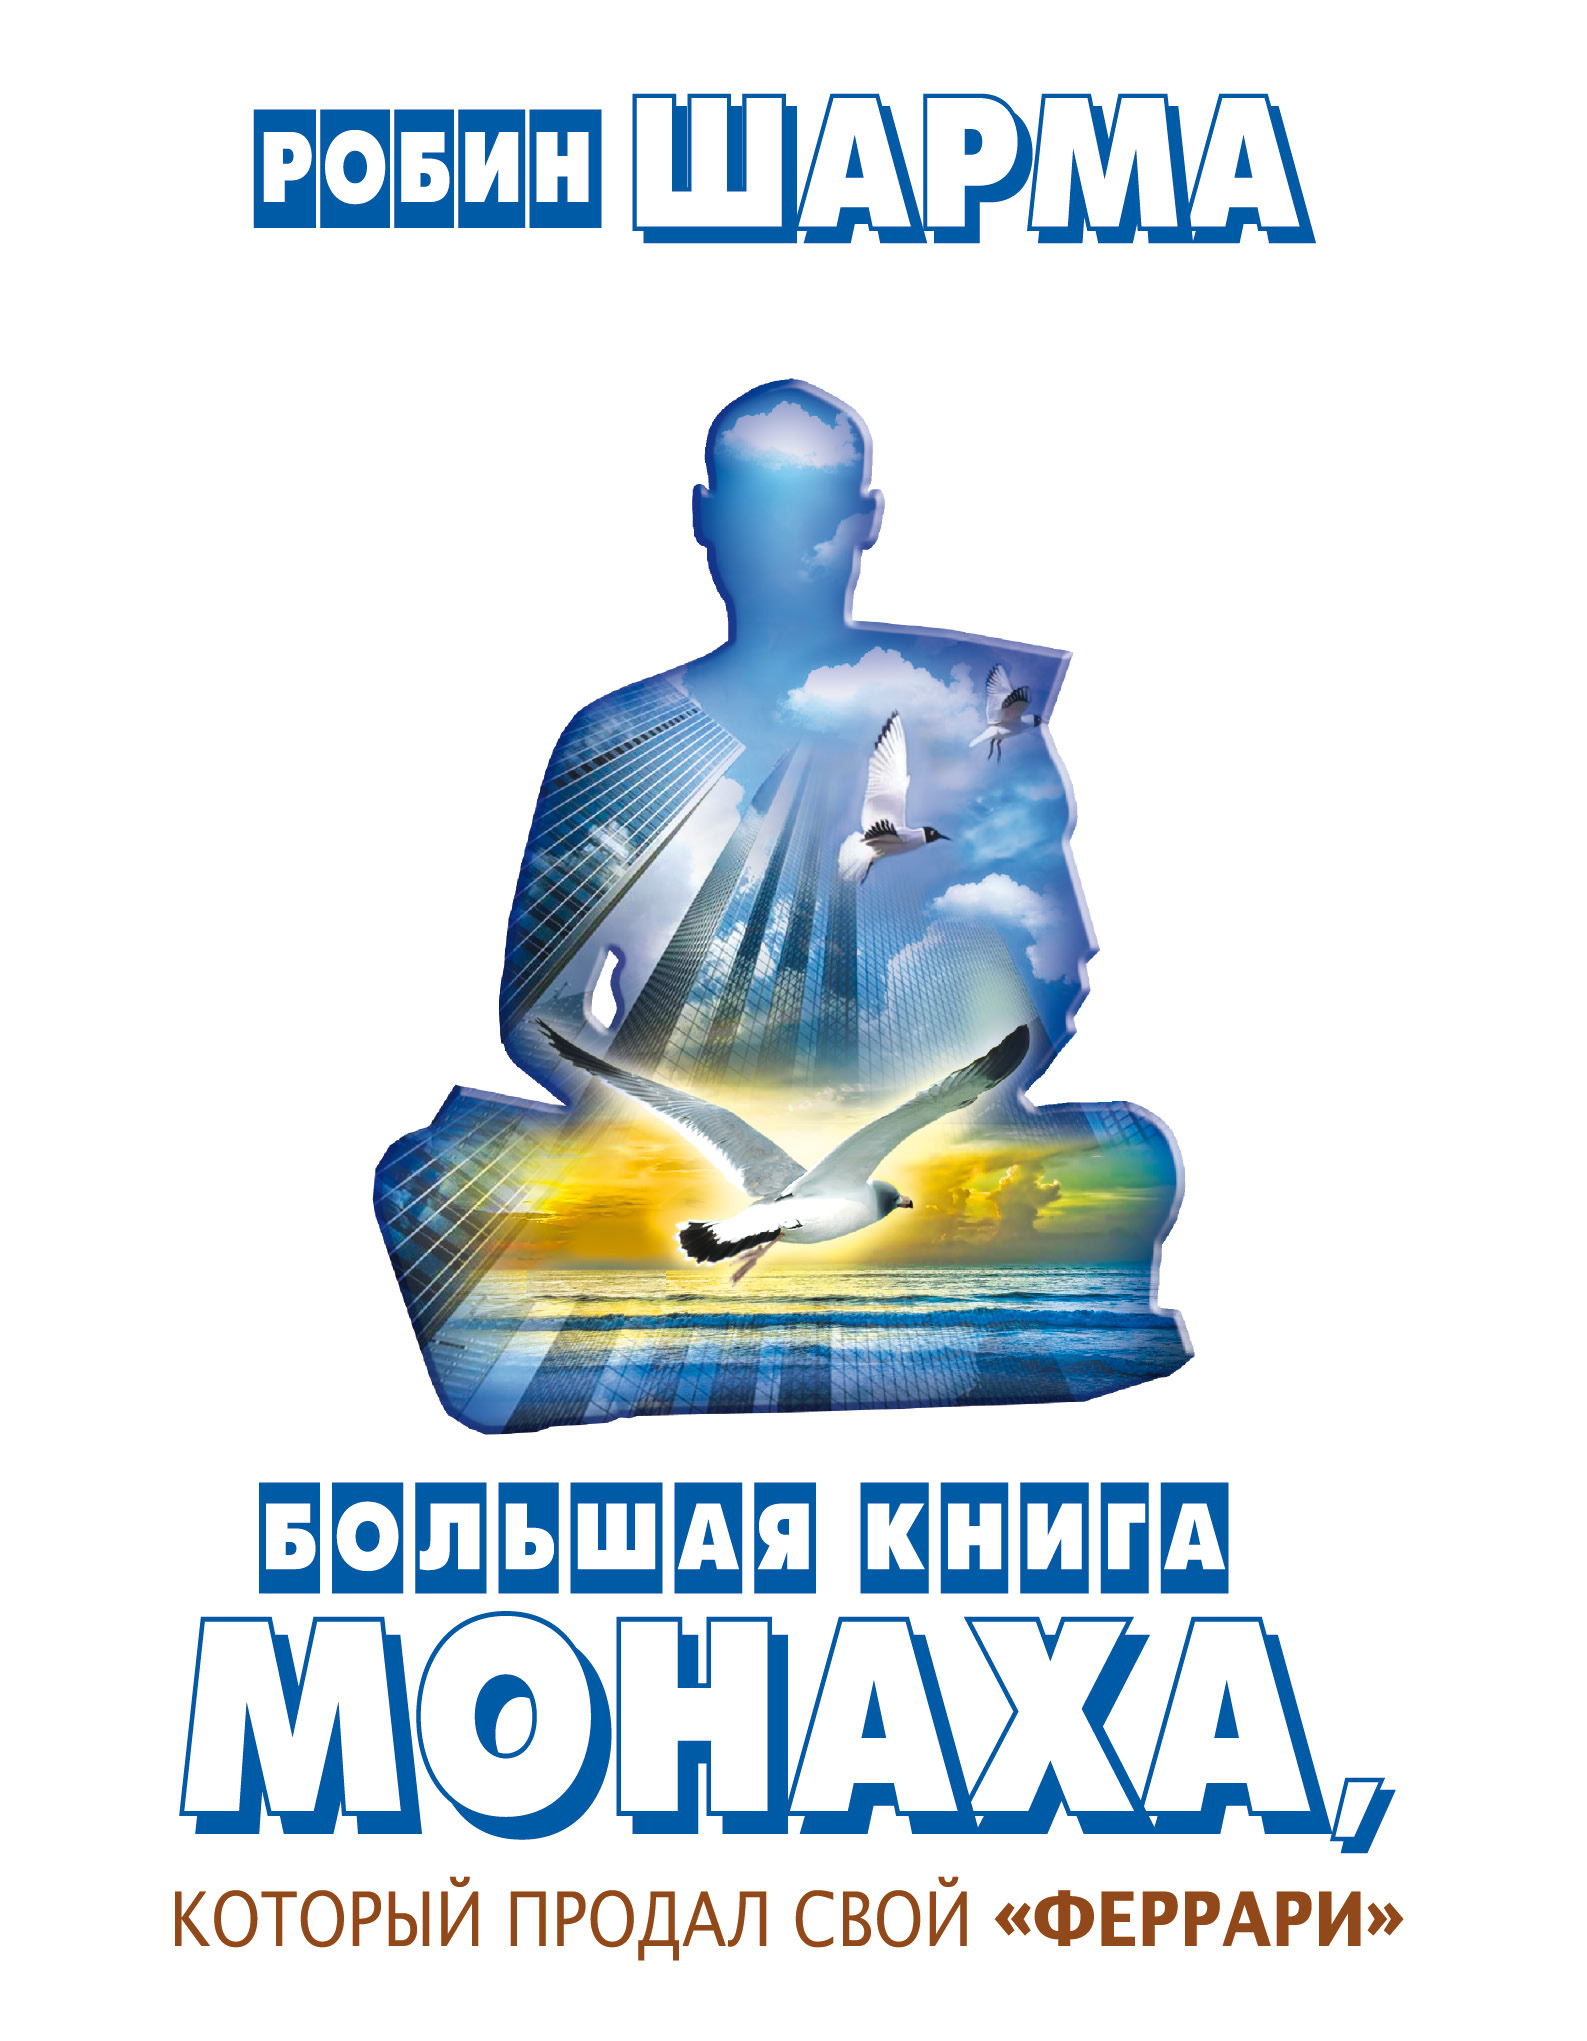 Робин Шарма Большая книга монаха, который продал свой «феррари» (сборник) робин шарма большая книга монаха который продал свой феррари сборник